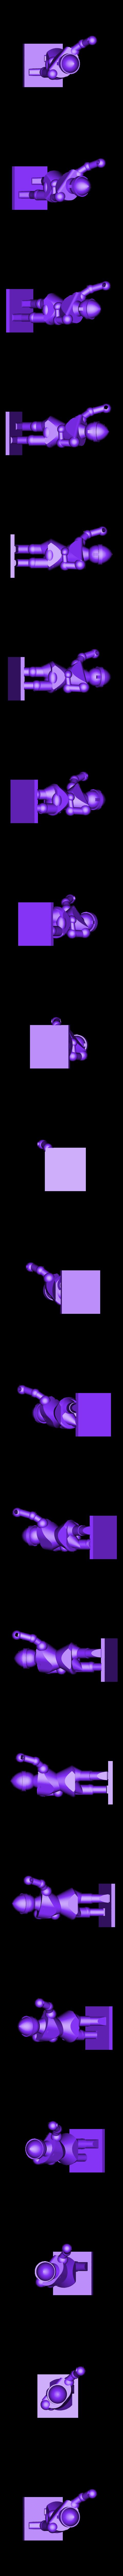 skirm3.stl Télécharger fichier STL gratuit Générique Sword'n'Board 28mm Archers and Skirmishers • Plan pour imprimante 3D, Earsling